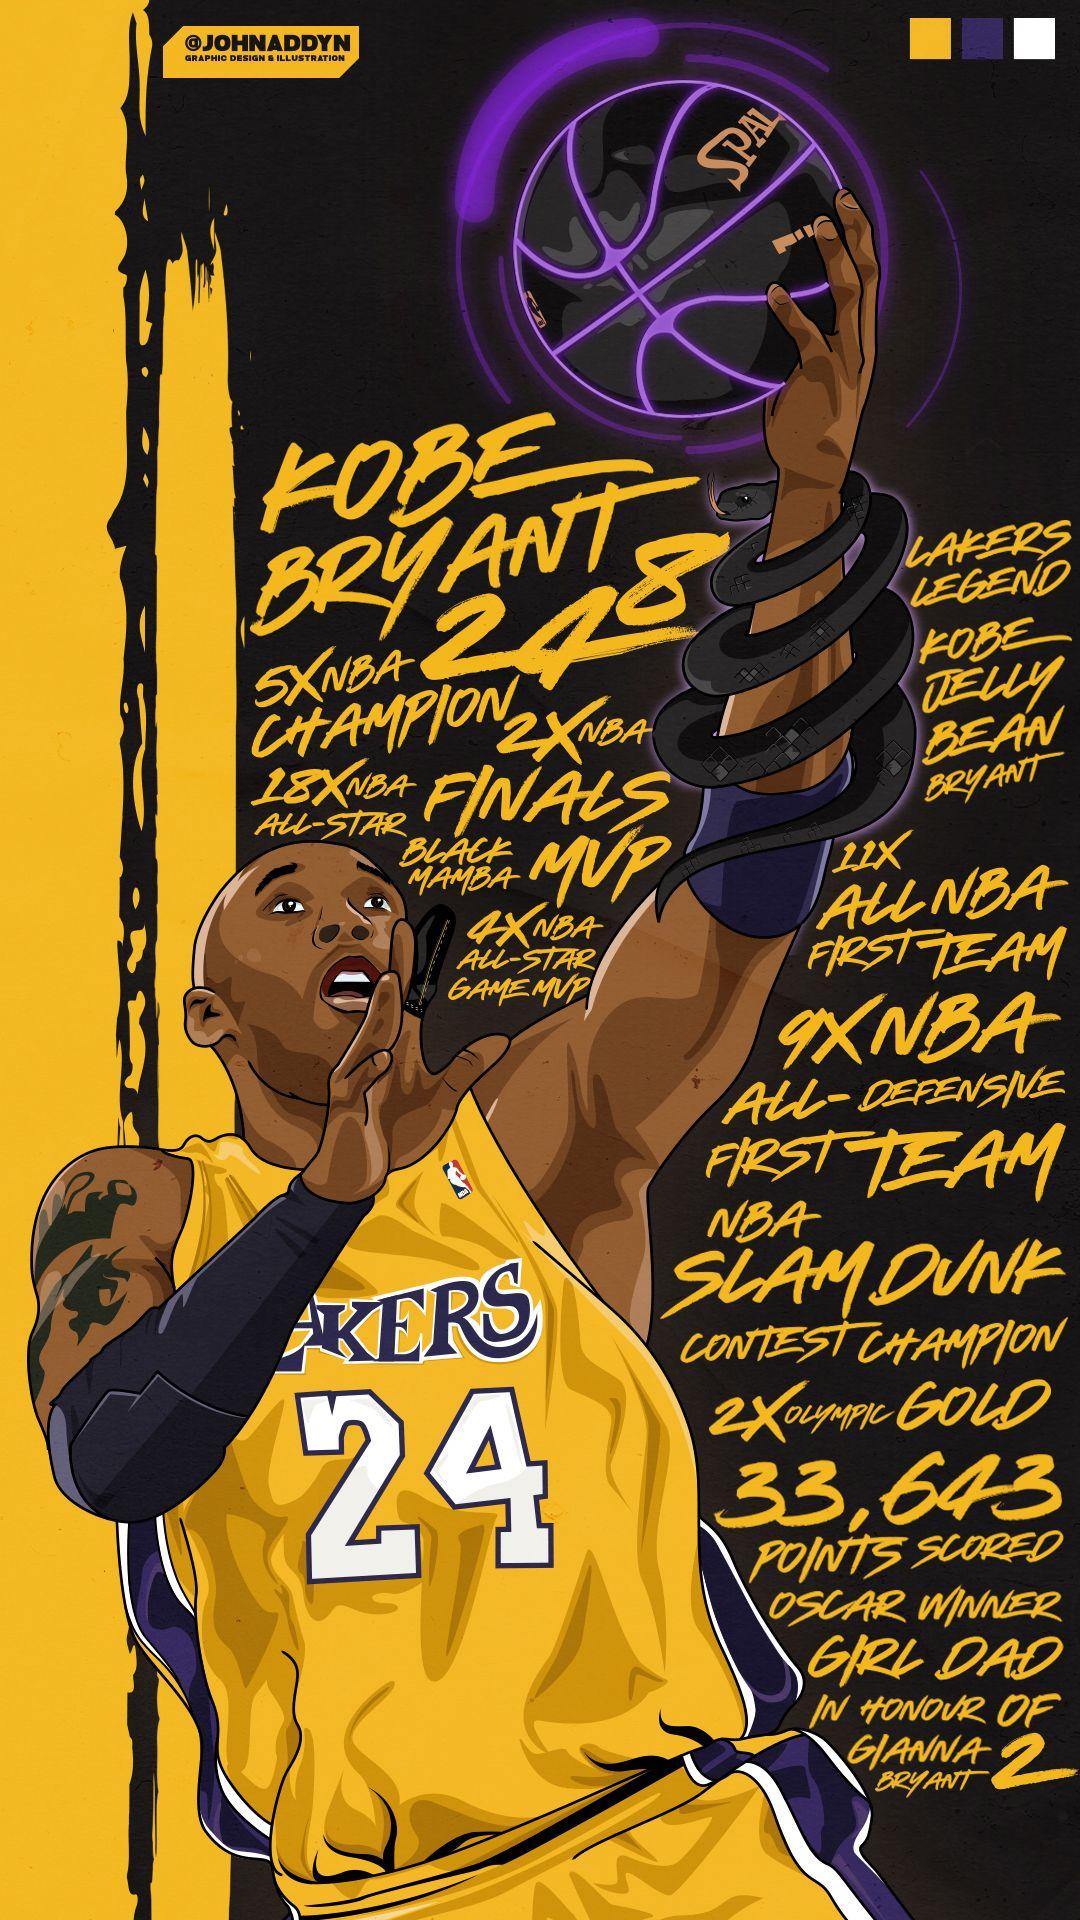 Kobe wallpaper in 2020 Kobe bryant wallpaper, Kobe